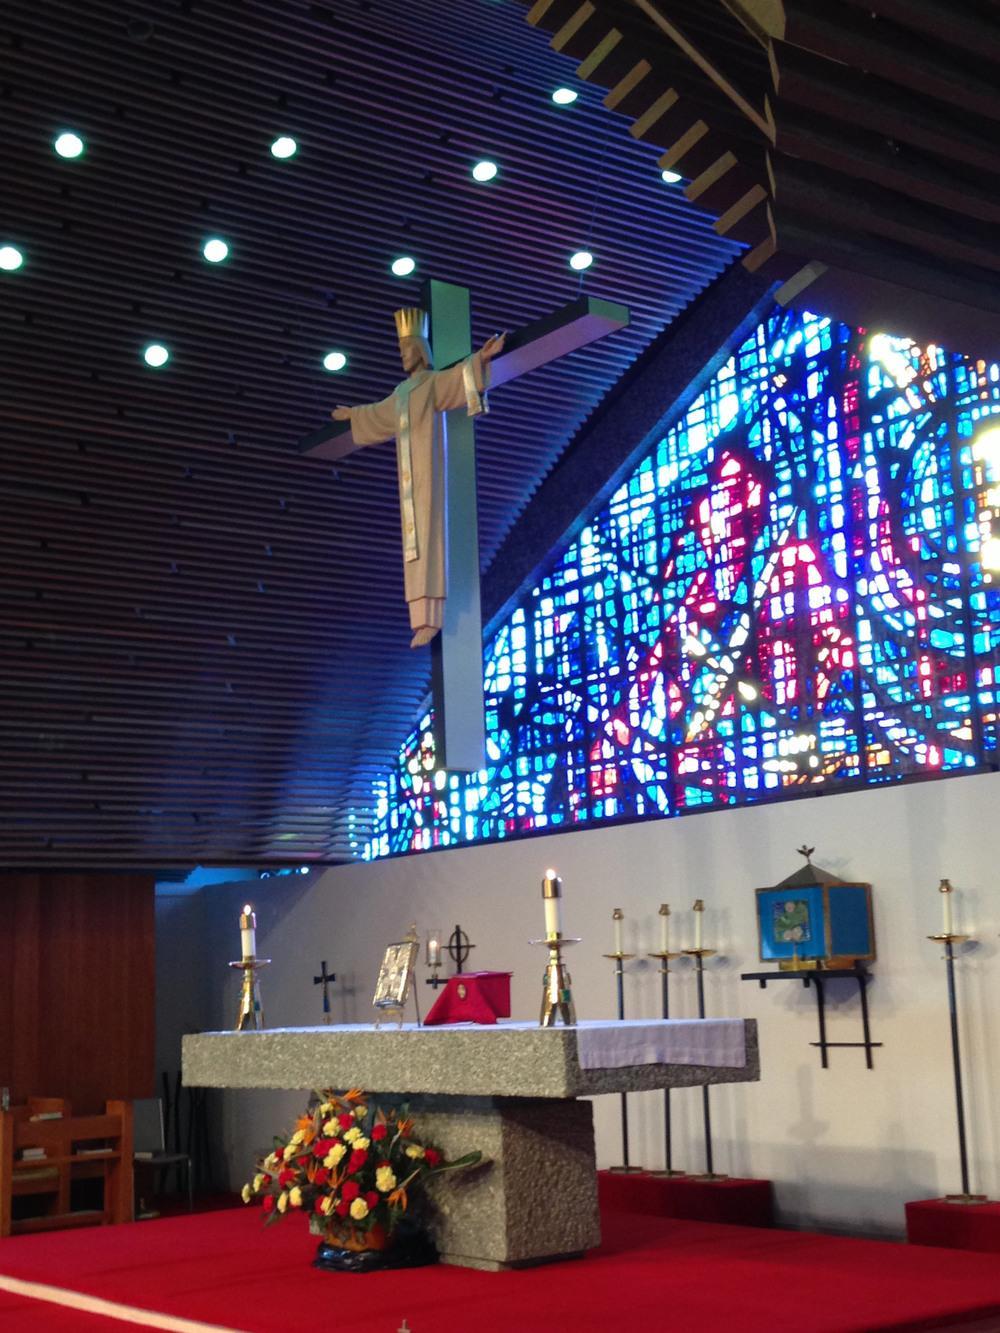 The Altar area.